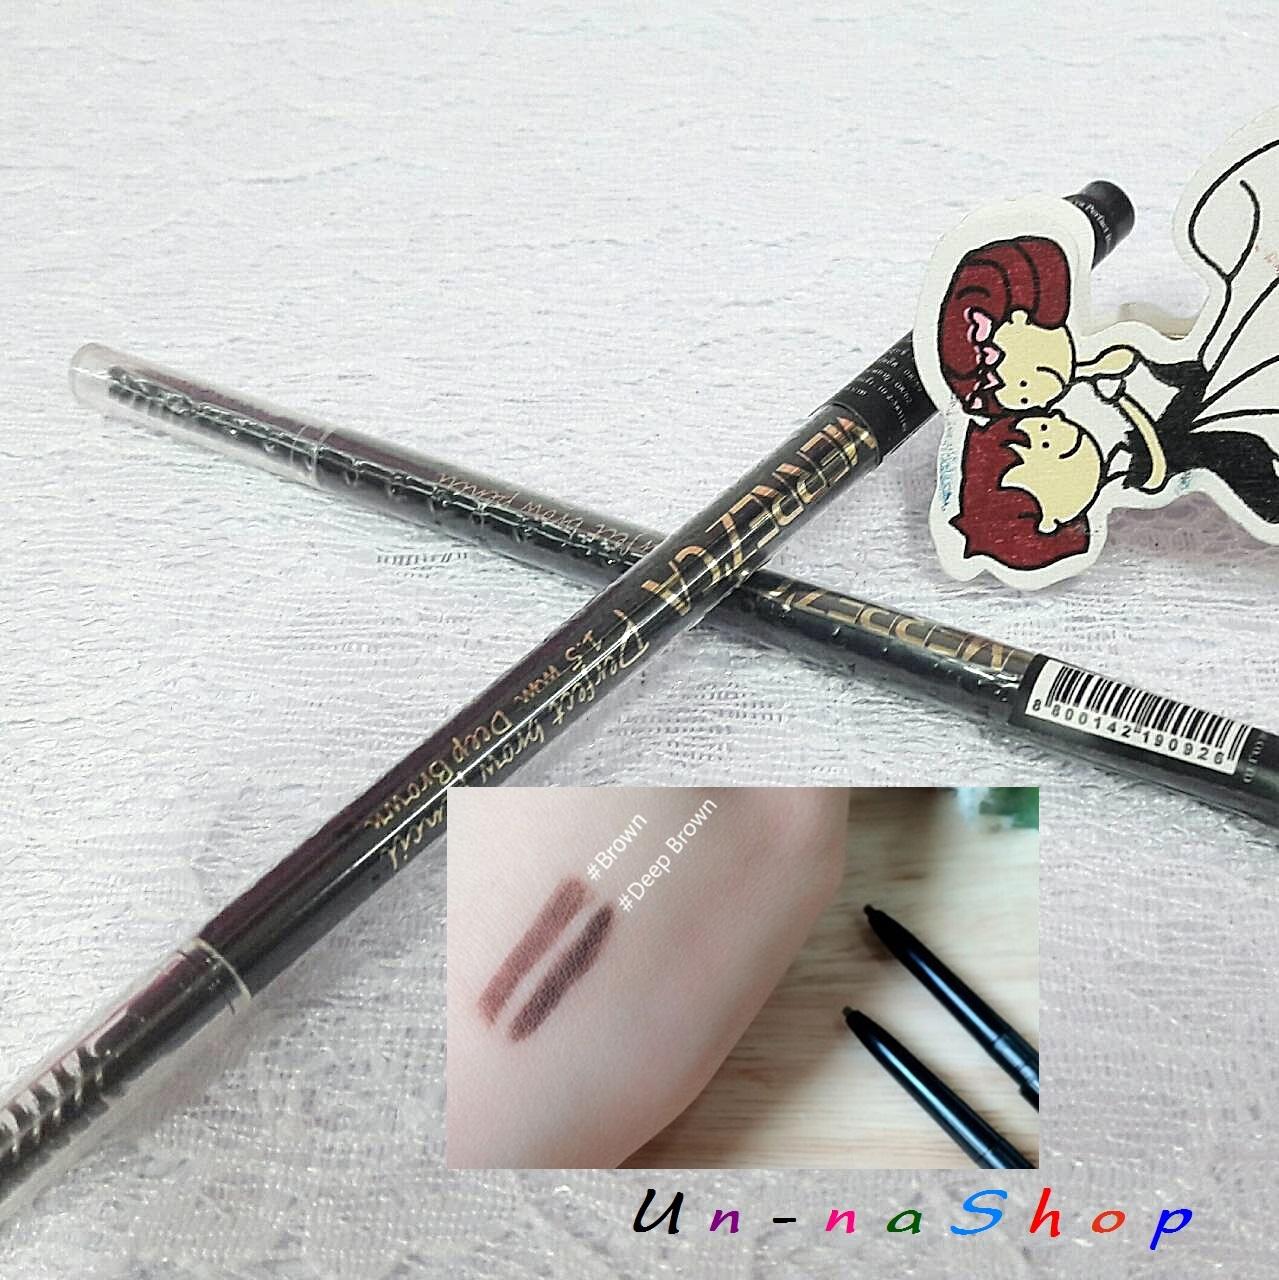 ขายส่งเมอเรสก้า ดินสอเขียนคิ้วเมอเรซกา Merrez'ca Perfect Brow Pencil 1.5mm #Brown เขียนง่ายมากค่ะ เนื้อนิ่มกำลังดี ไม่เป็นก้อน ไม่หักง่าย ที่สำคัญไม่ต้องเหลาค่ะ